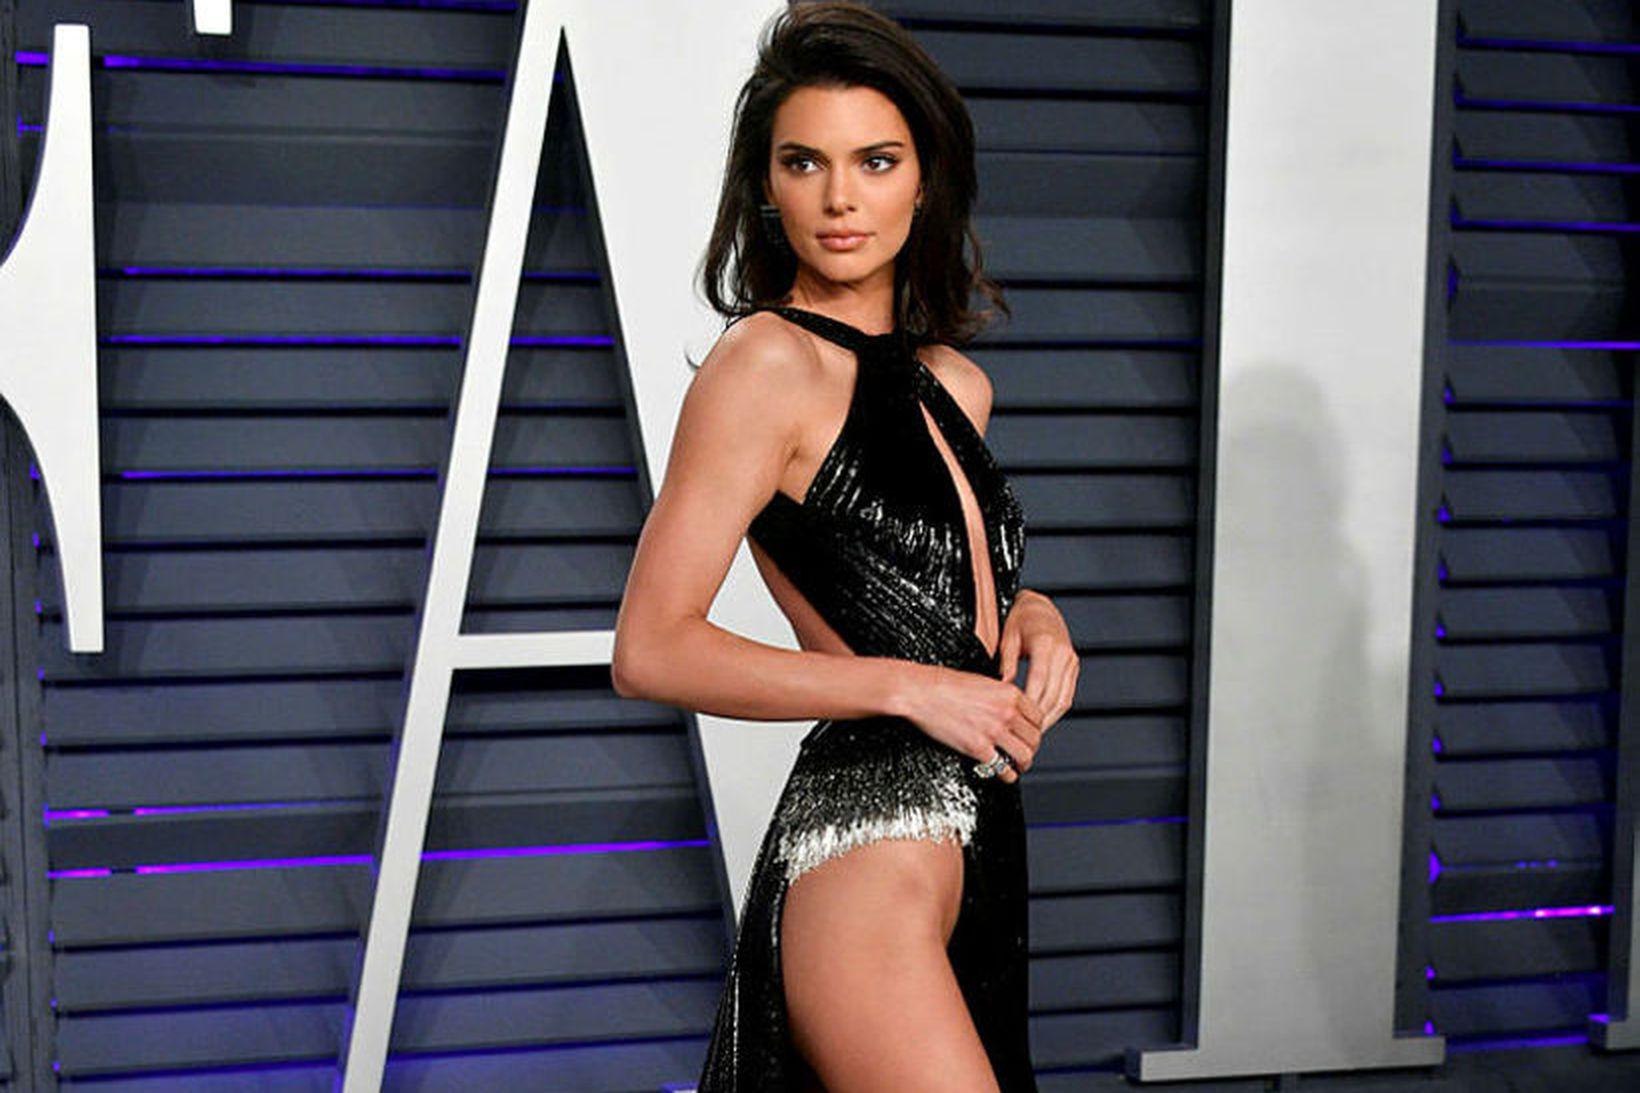 Kendall Jenner klæddist nokkrum eftirminnilegum kjólum árið 2019.